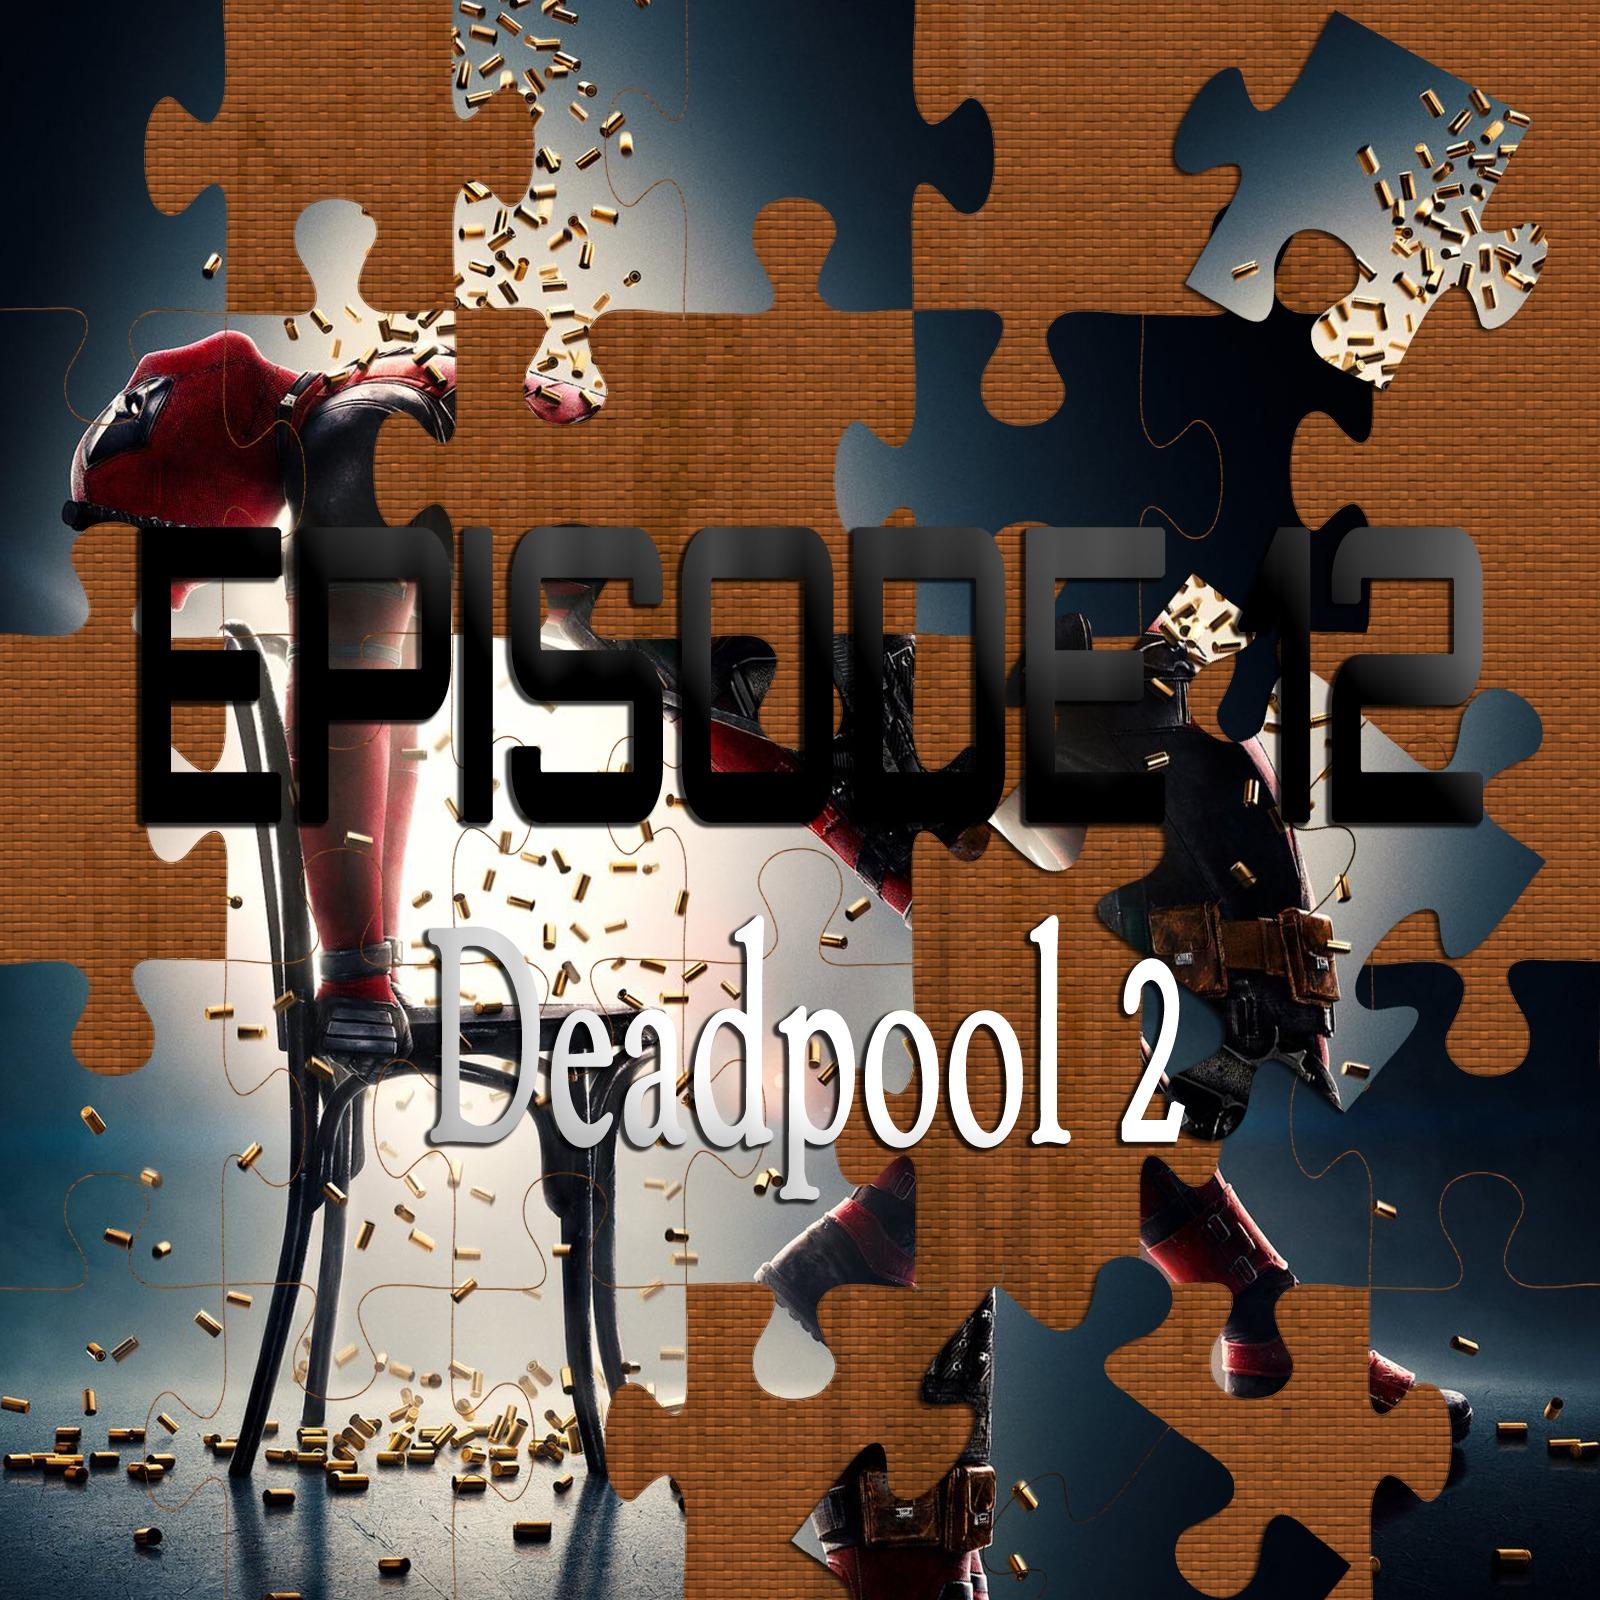 Deadpool 2 (Featuring David Quinones)